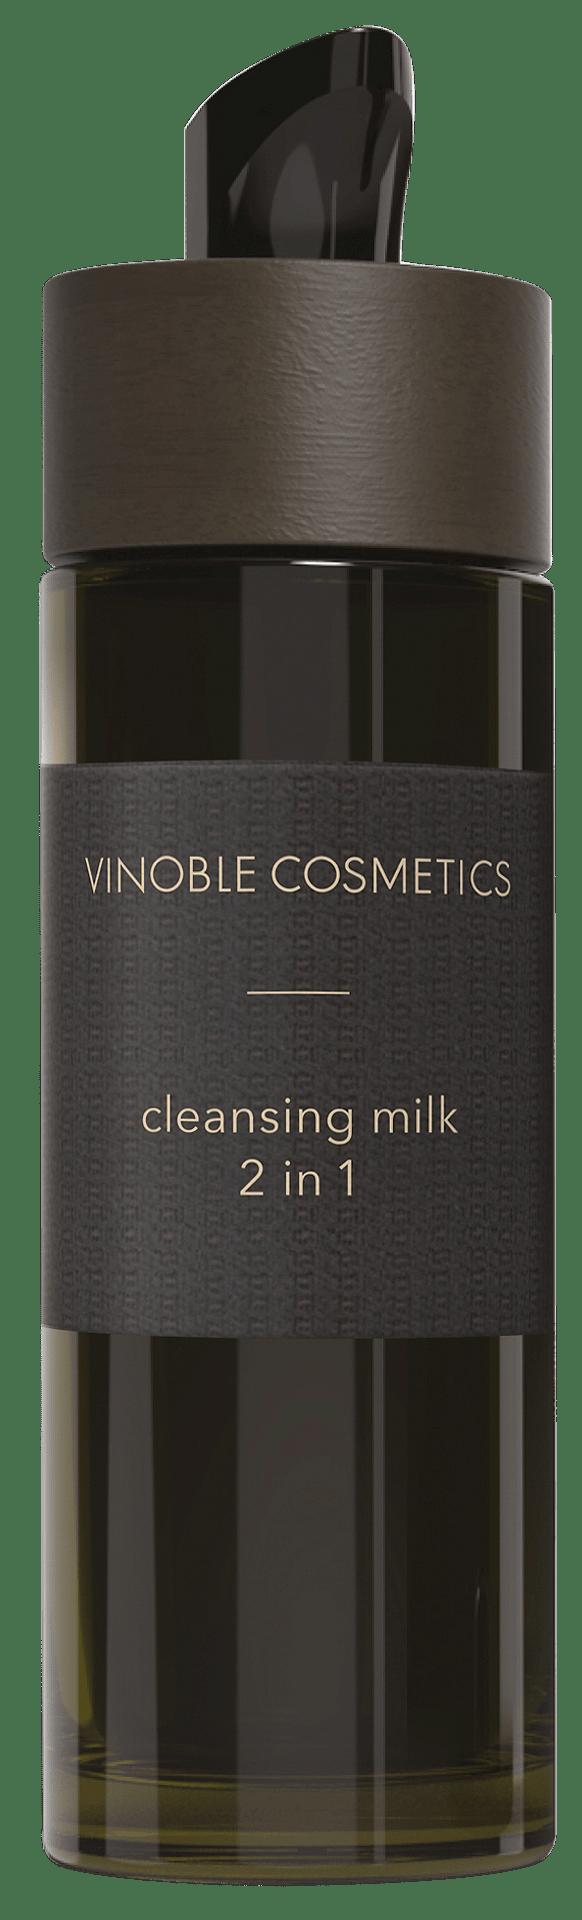 cleansing milk 2 in 1